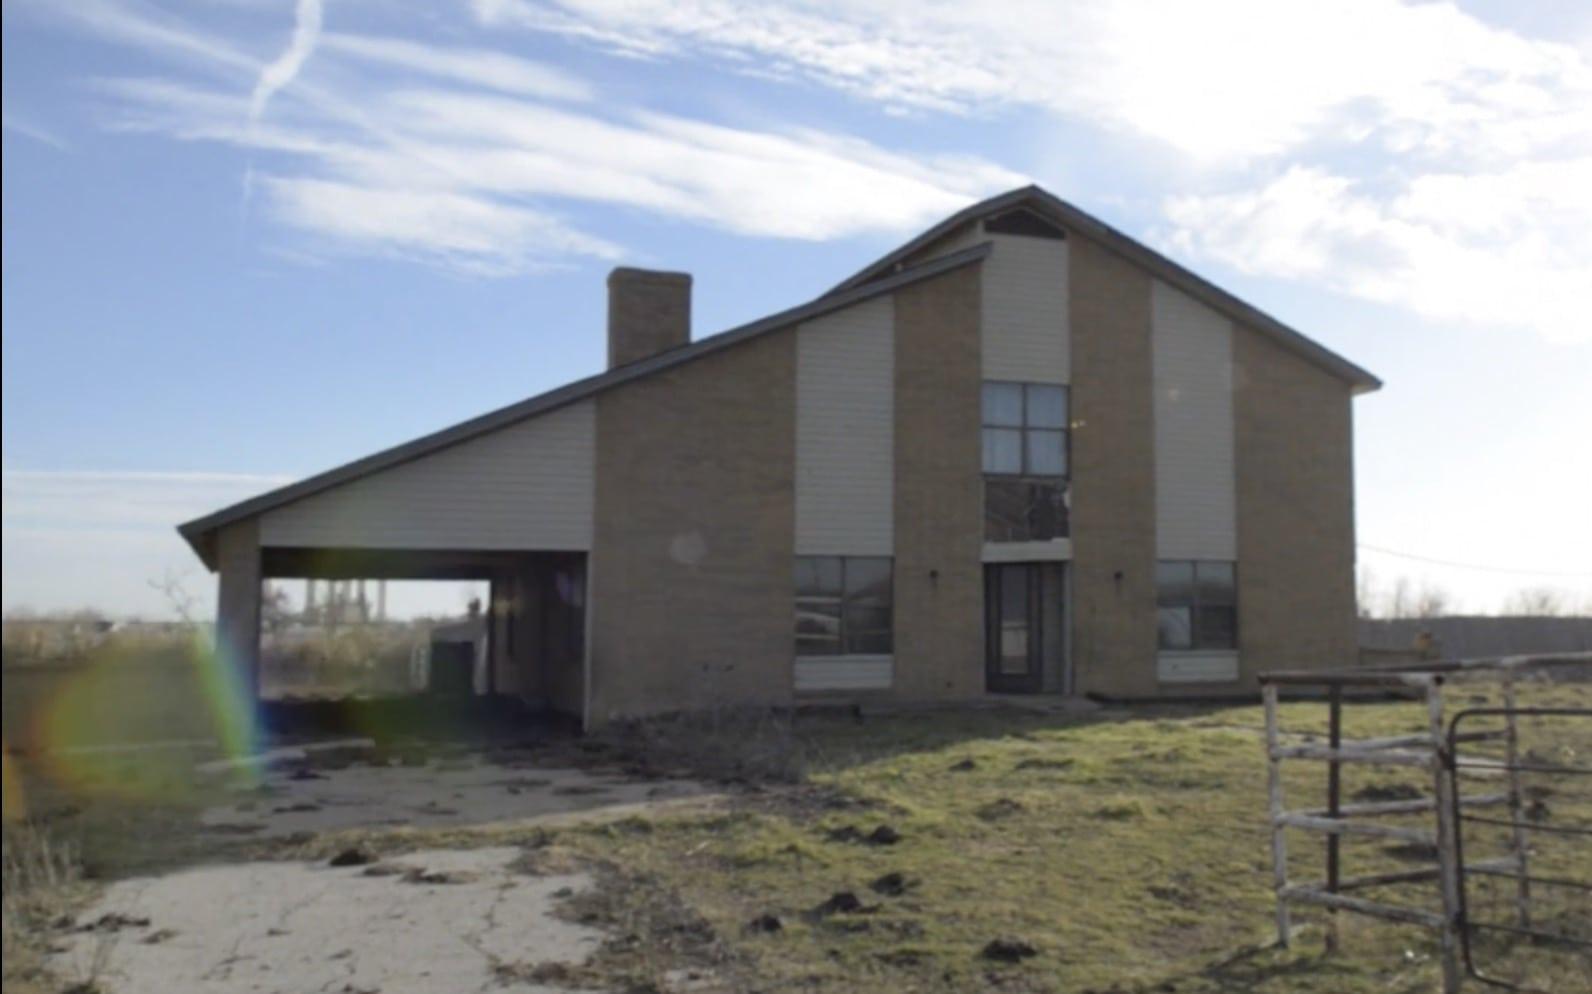 House of Prosper - An Abandoned Home In Prosper, Texas